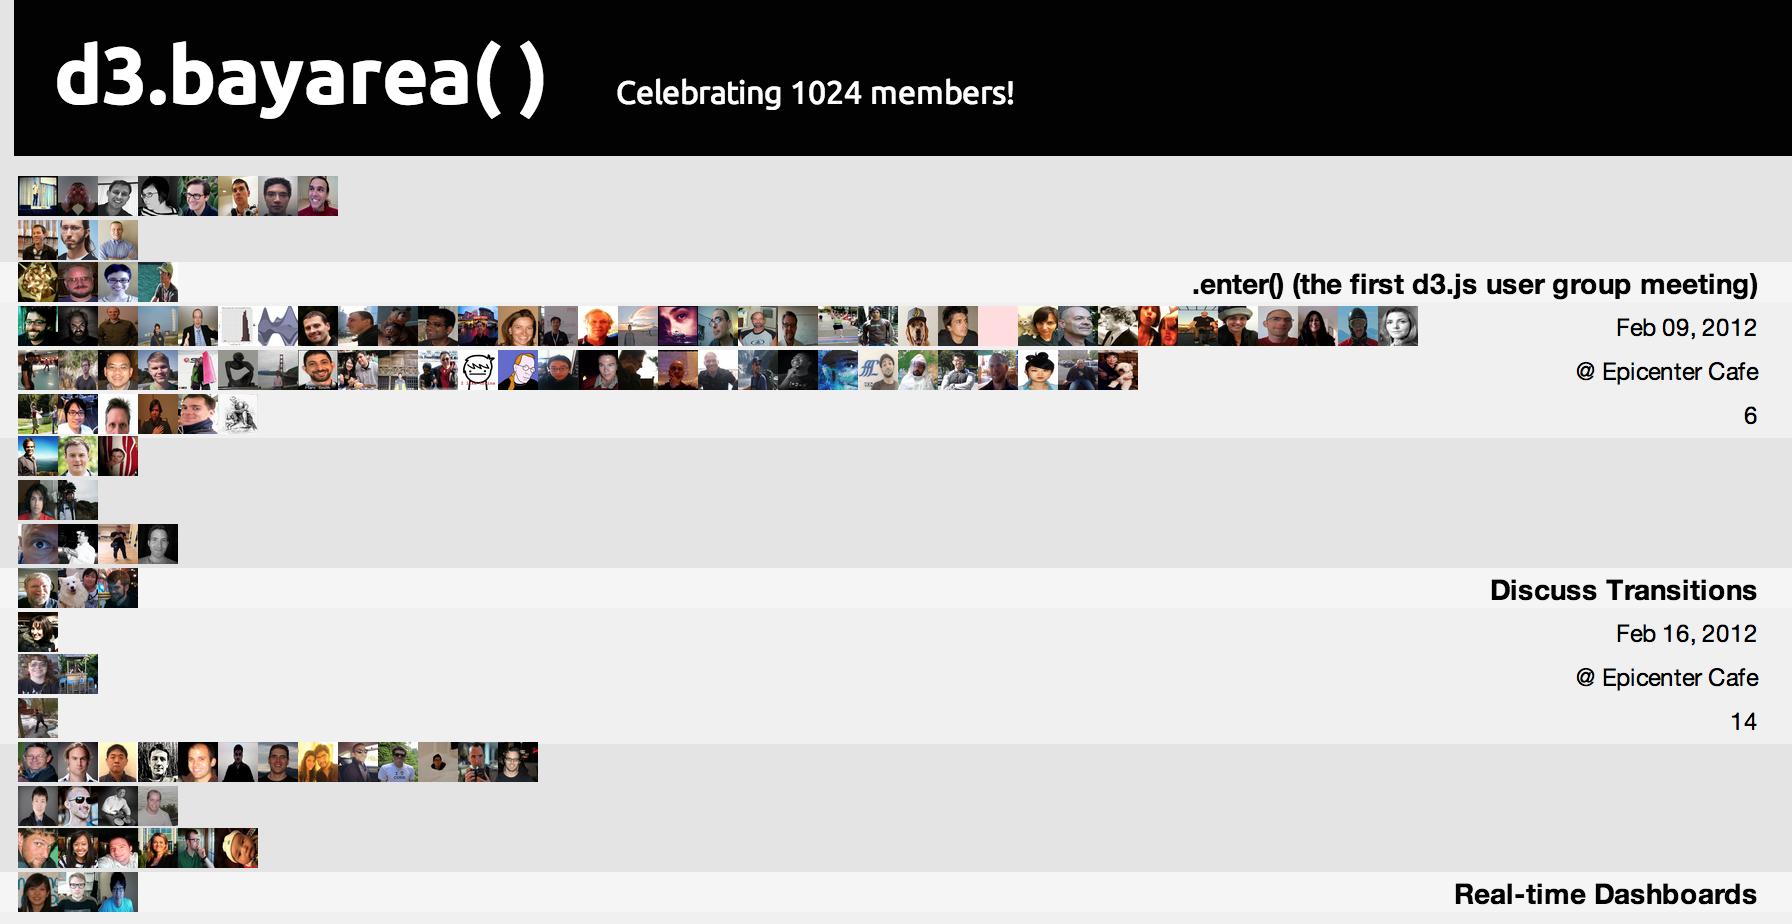 1024 members